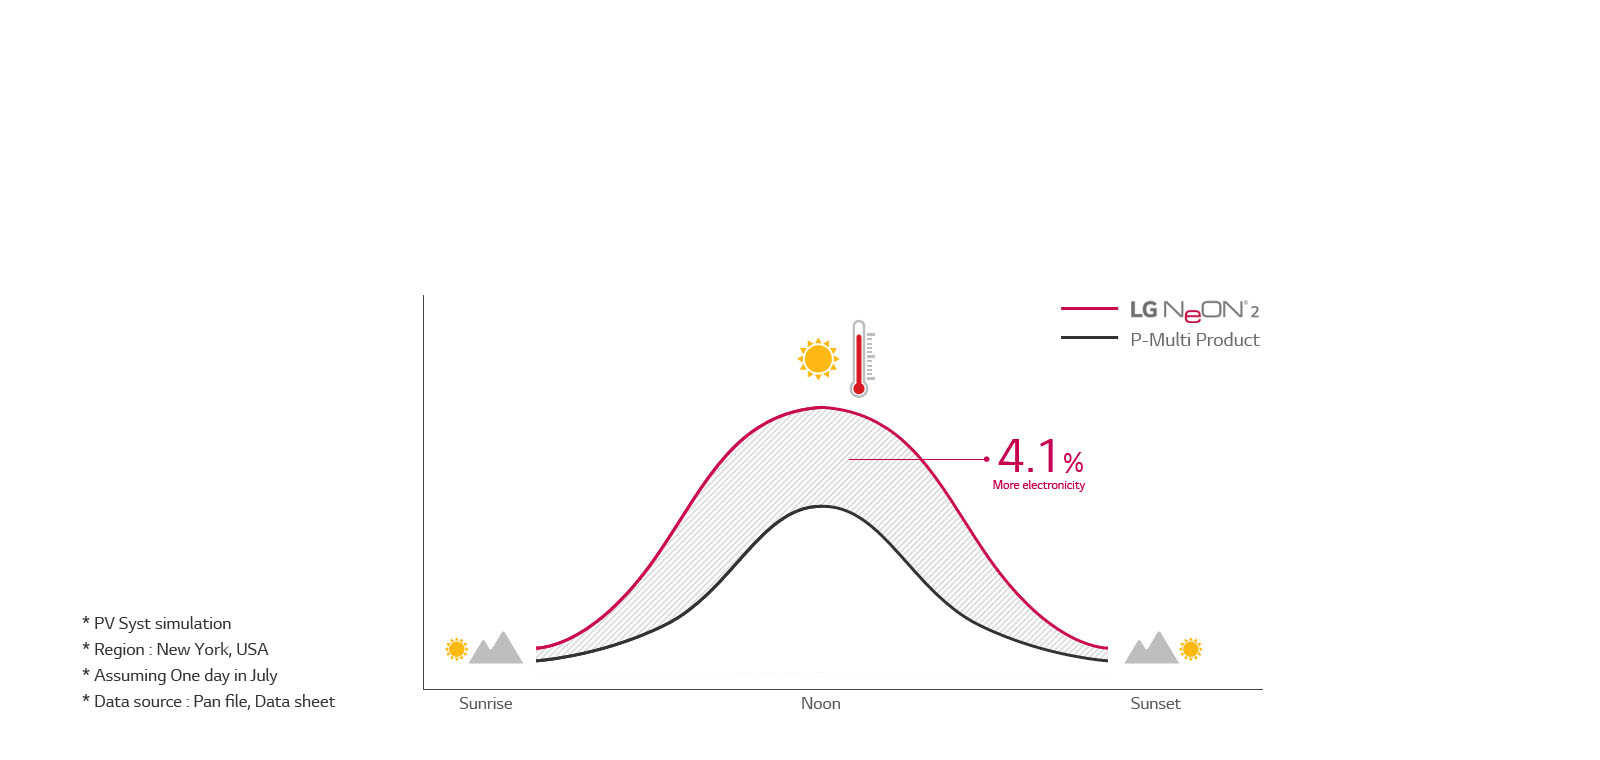 Pin mặt trời LG Neo2 330w có hiệu năng mạnh mẽ trong môi trường phức tạp